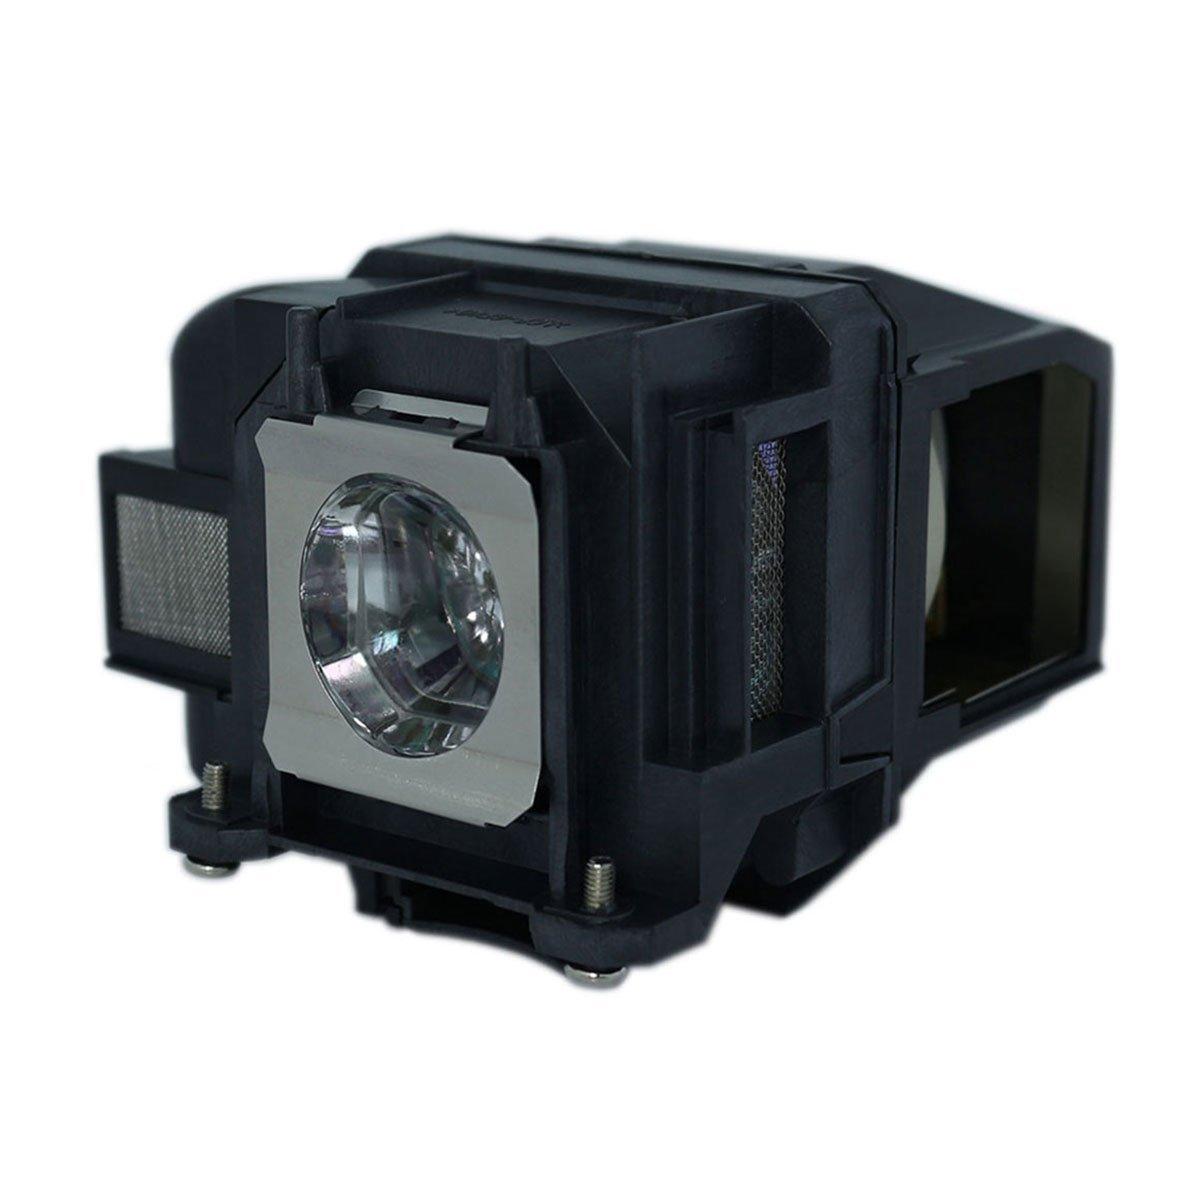 Supermait EP88 ランプバルブ PowerLite x27 ex3240 ex5240 ex7240 ex9200 VS240 VS340 VS345 交換用ランプバルブ ハウジング付き B07N3SK1YK